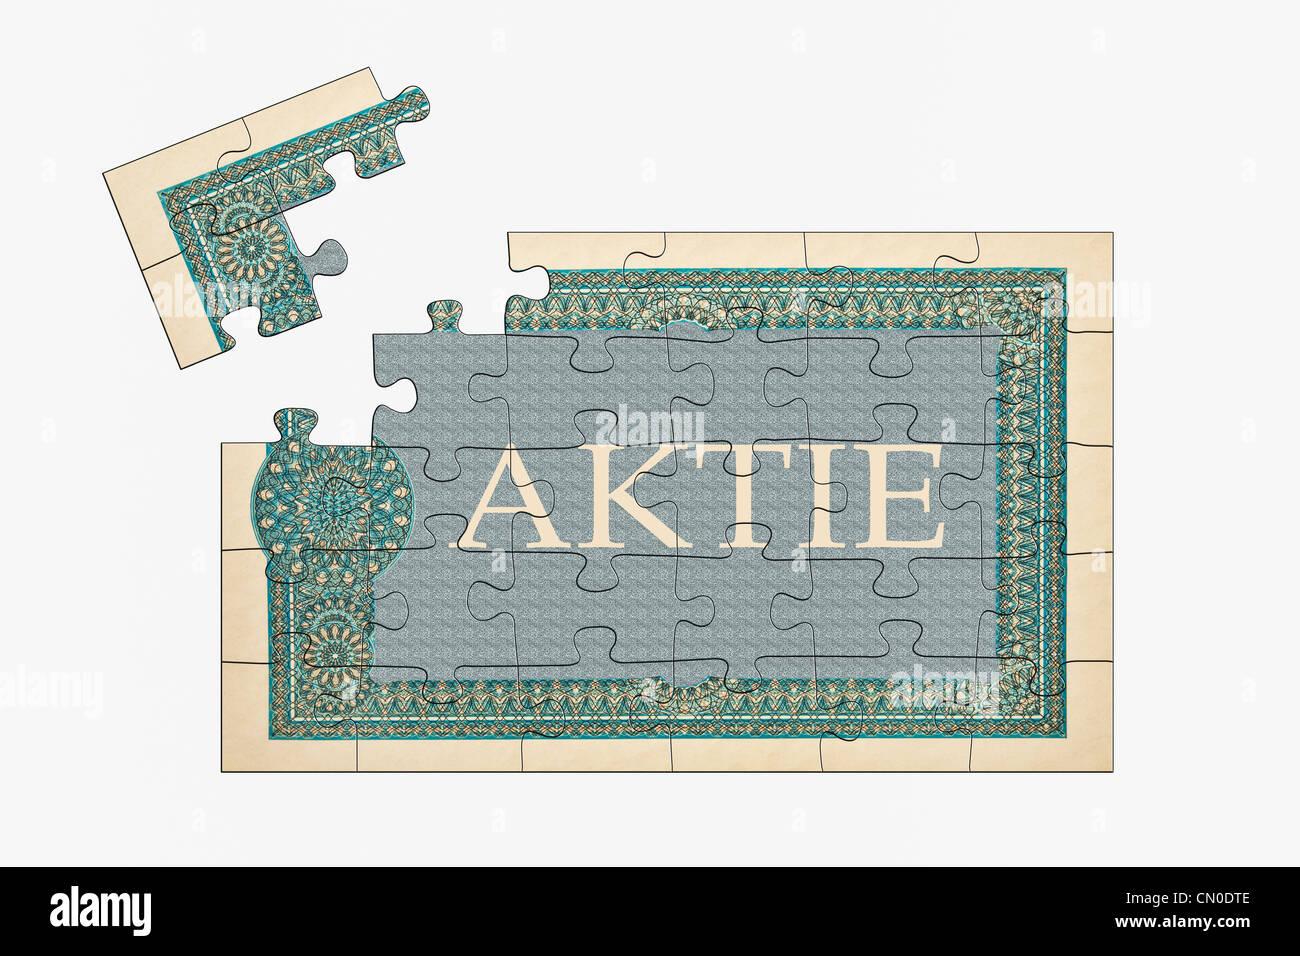 Puzzle: Teilansicht einer alter deutschen Aktie   Puzzle: partial view of an old German share - Stock Image